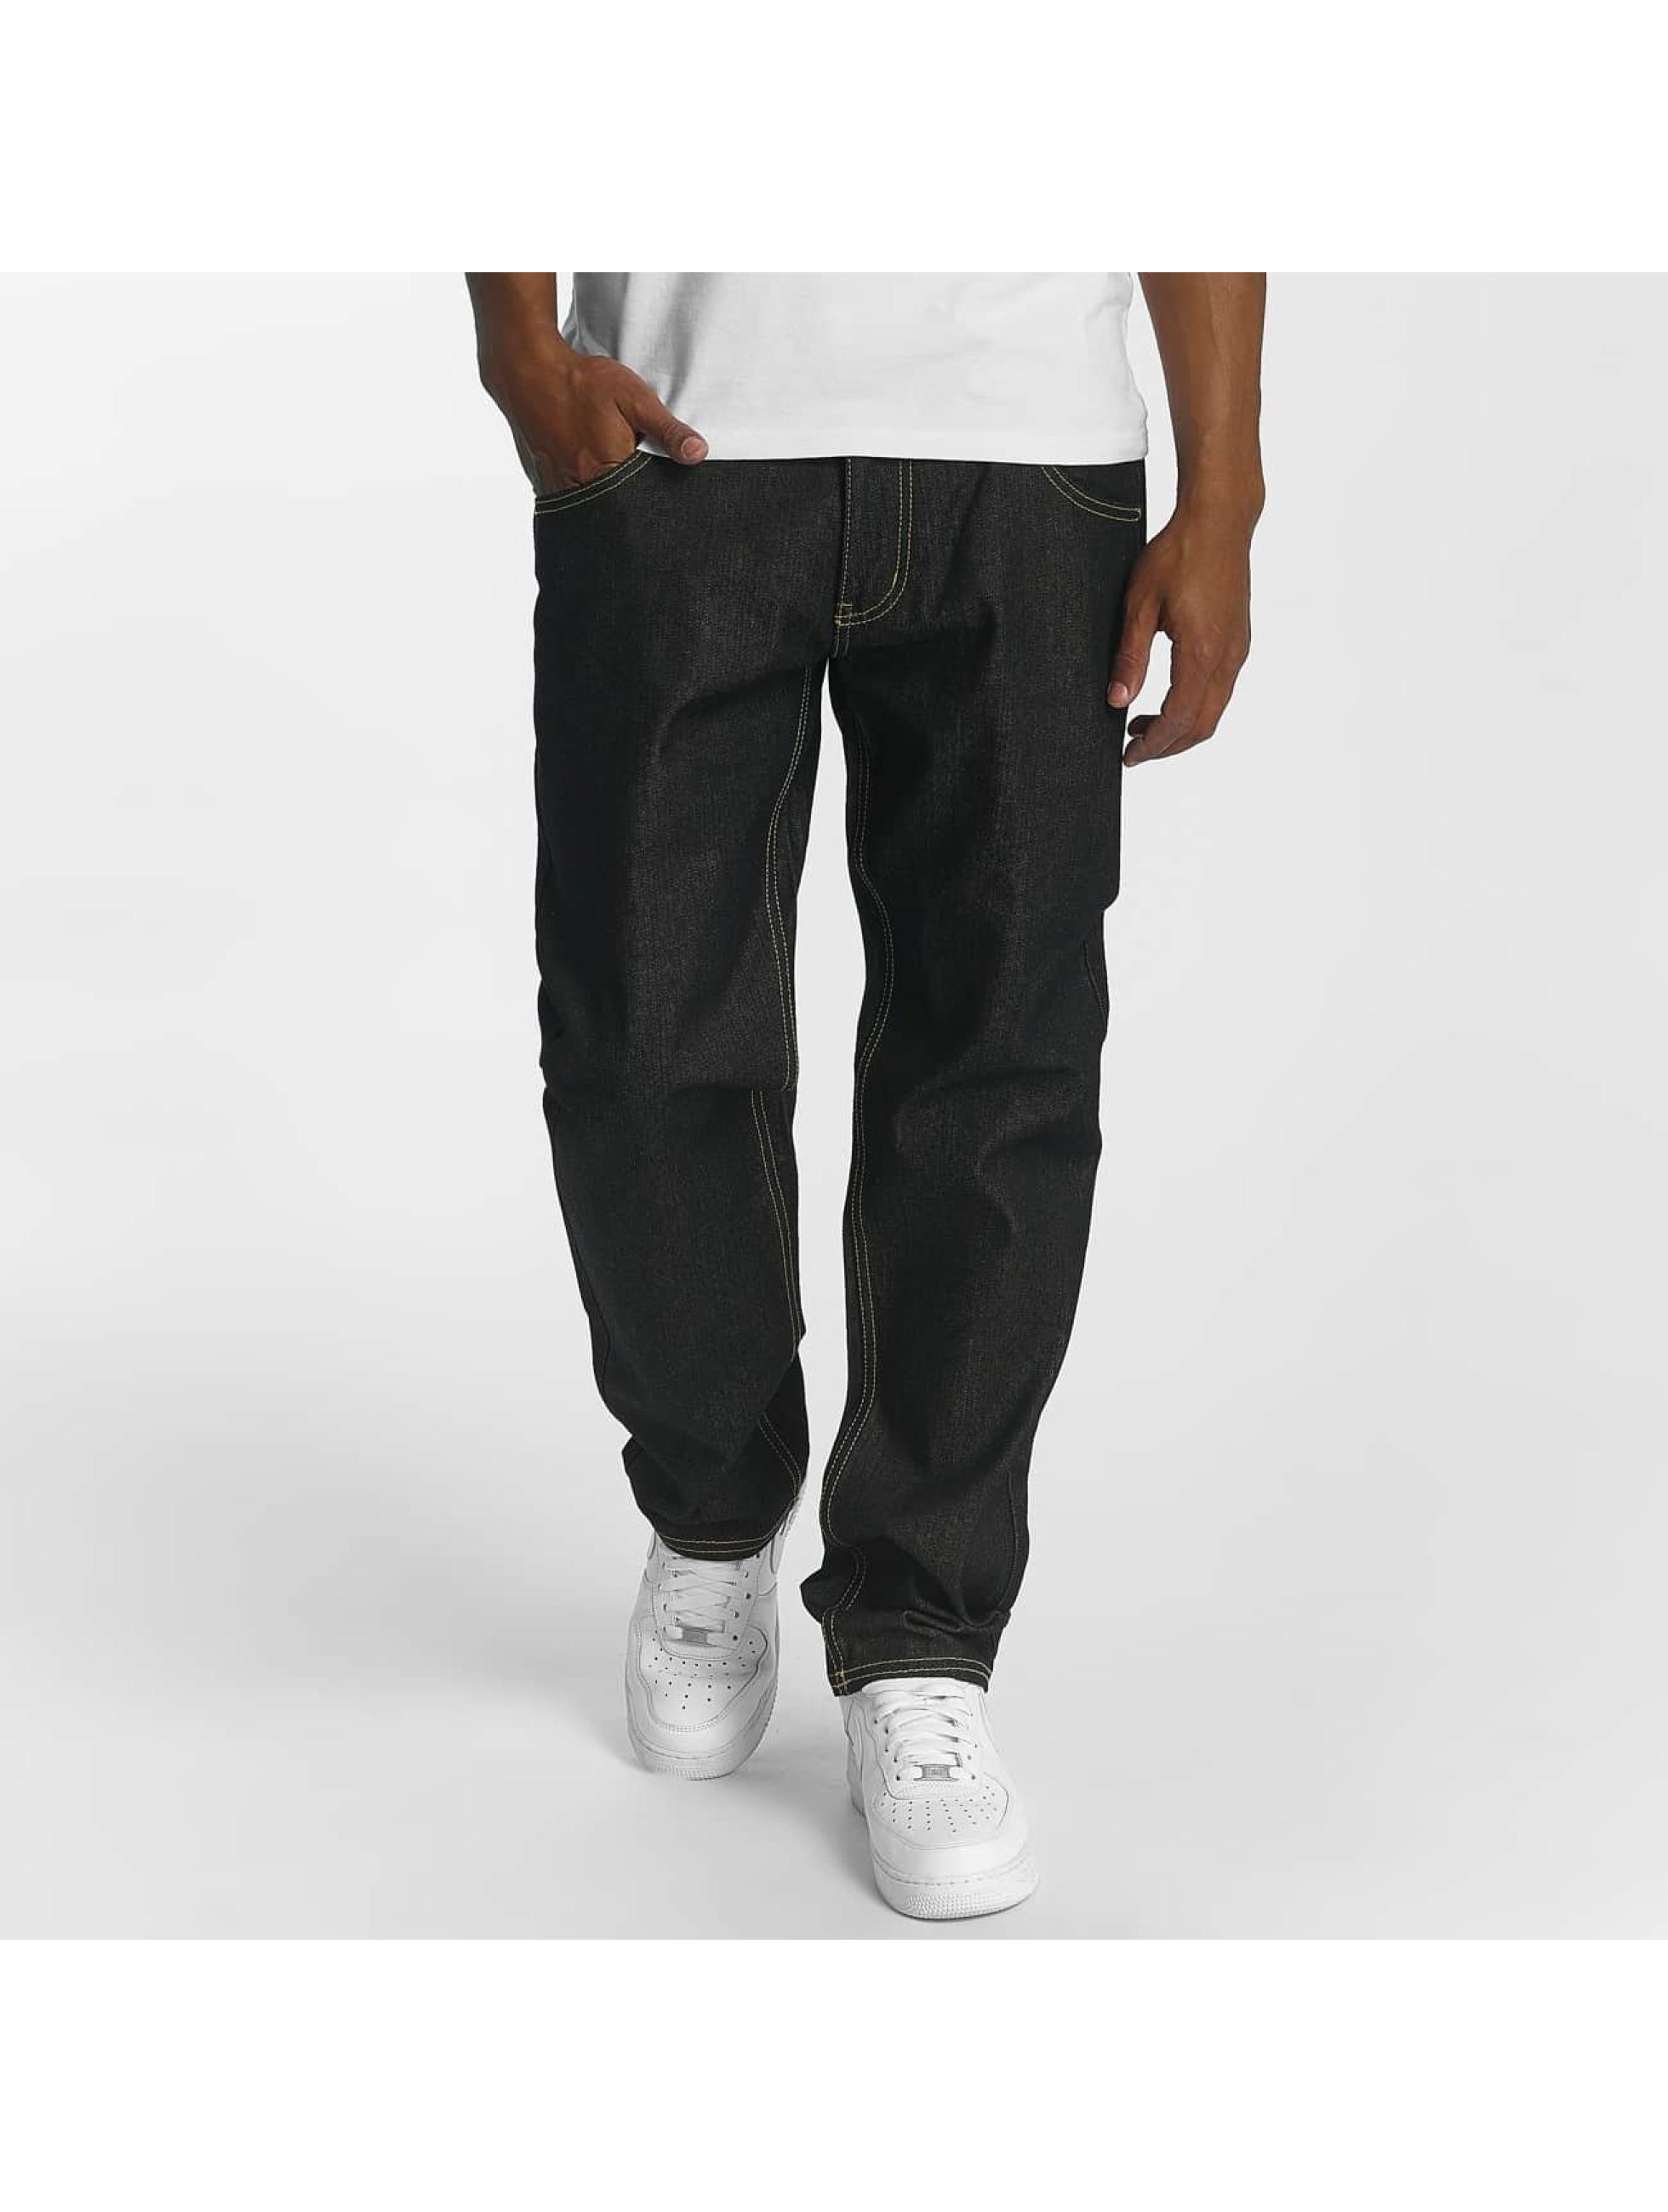 Ecko Unltd. / Straight Fit Jeans Camp's St Straight Fit in black W 42 L 34